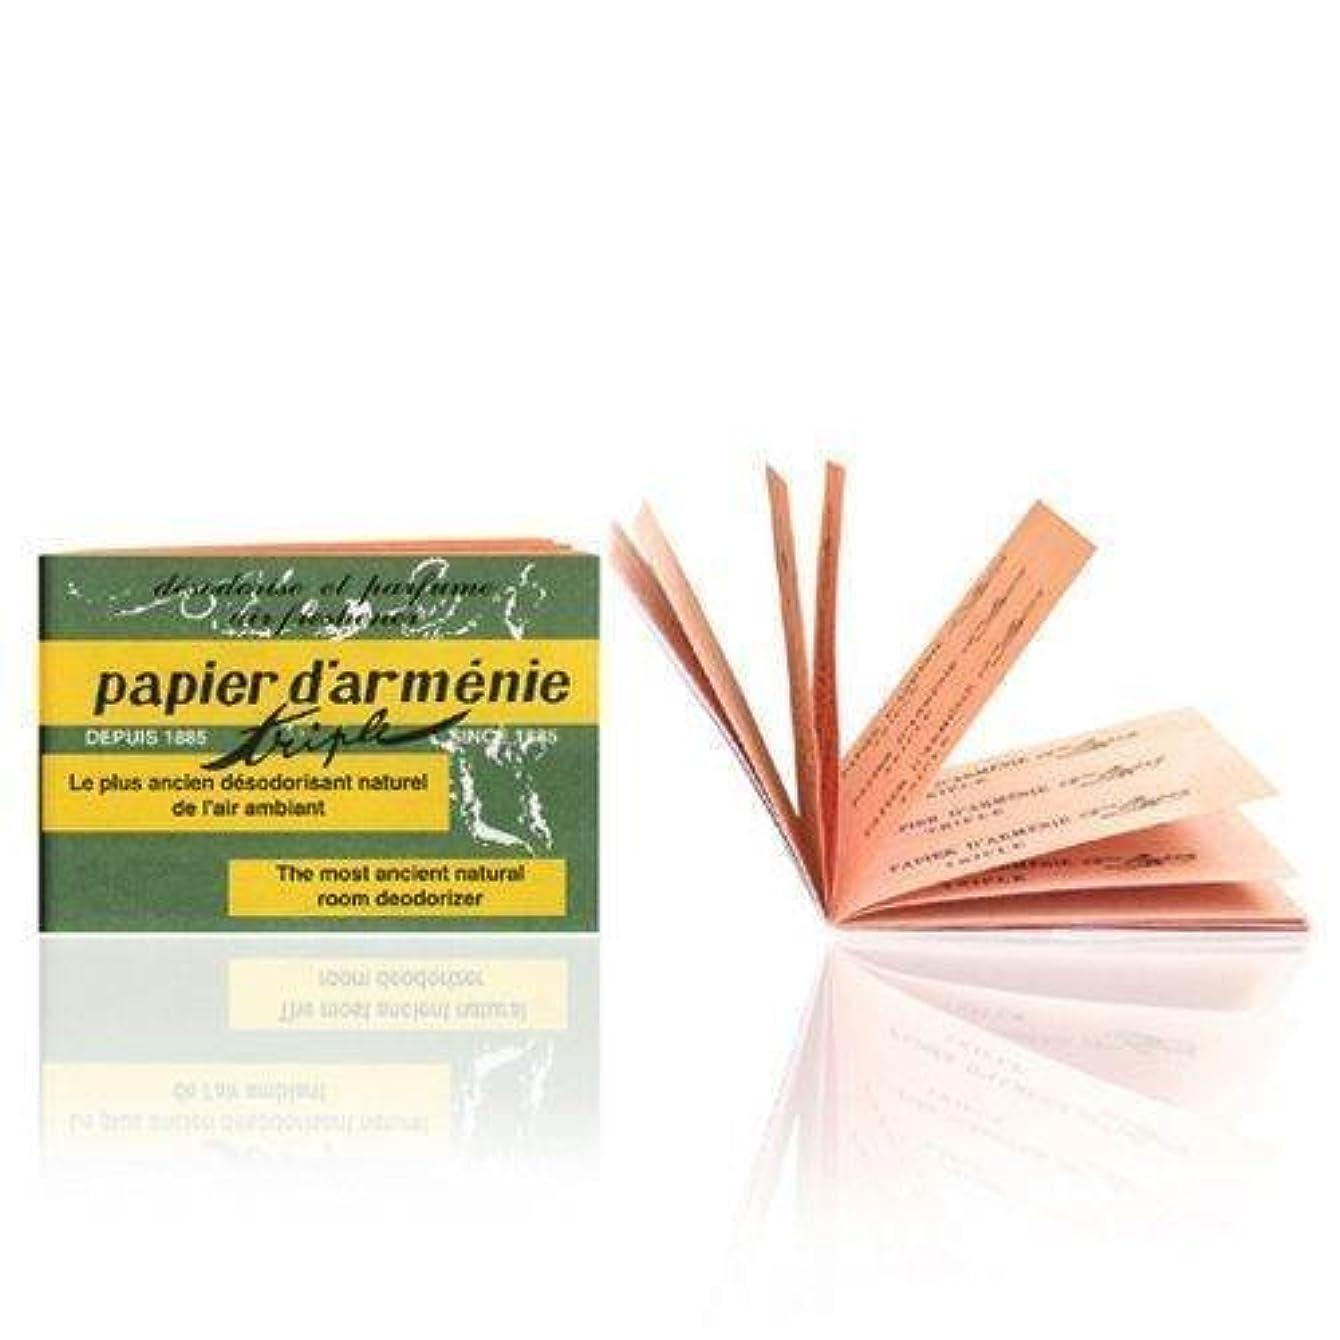 叱る遅滞手荷物Papier d'Arménie パピエダルメニイ トリプル 紙のお香 フランス直送 3個セット [並行輸入品]